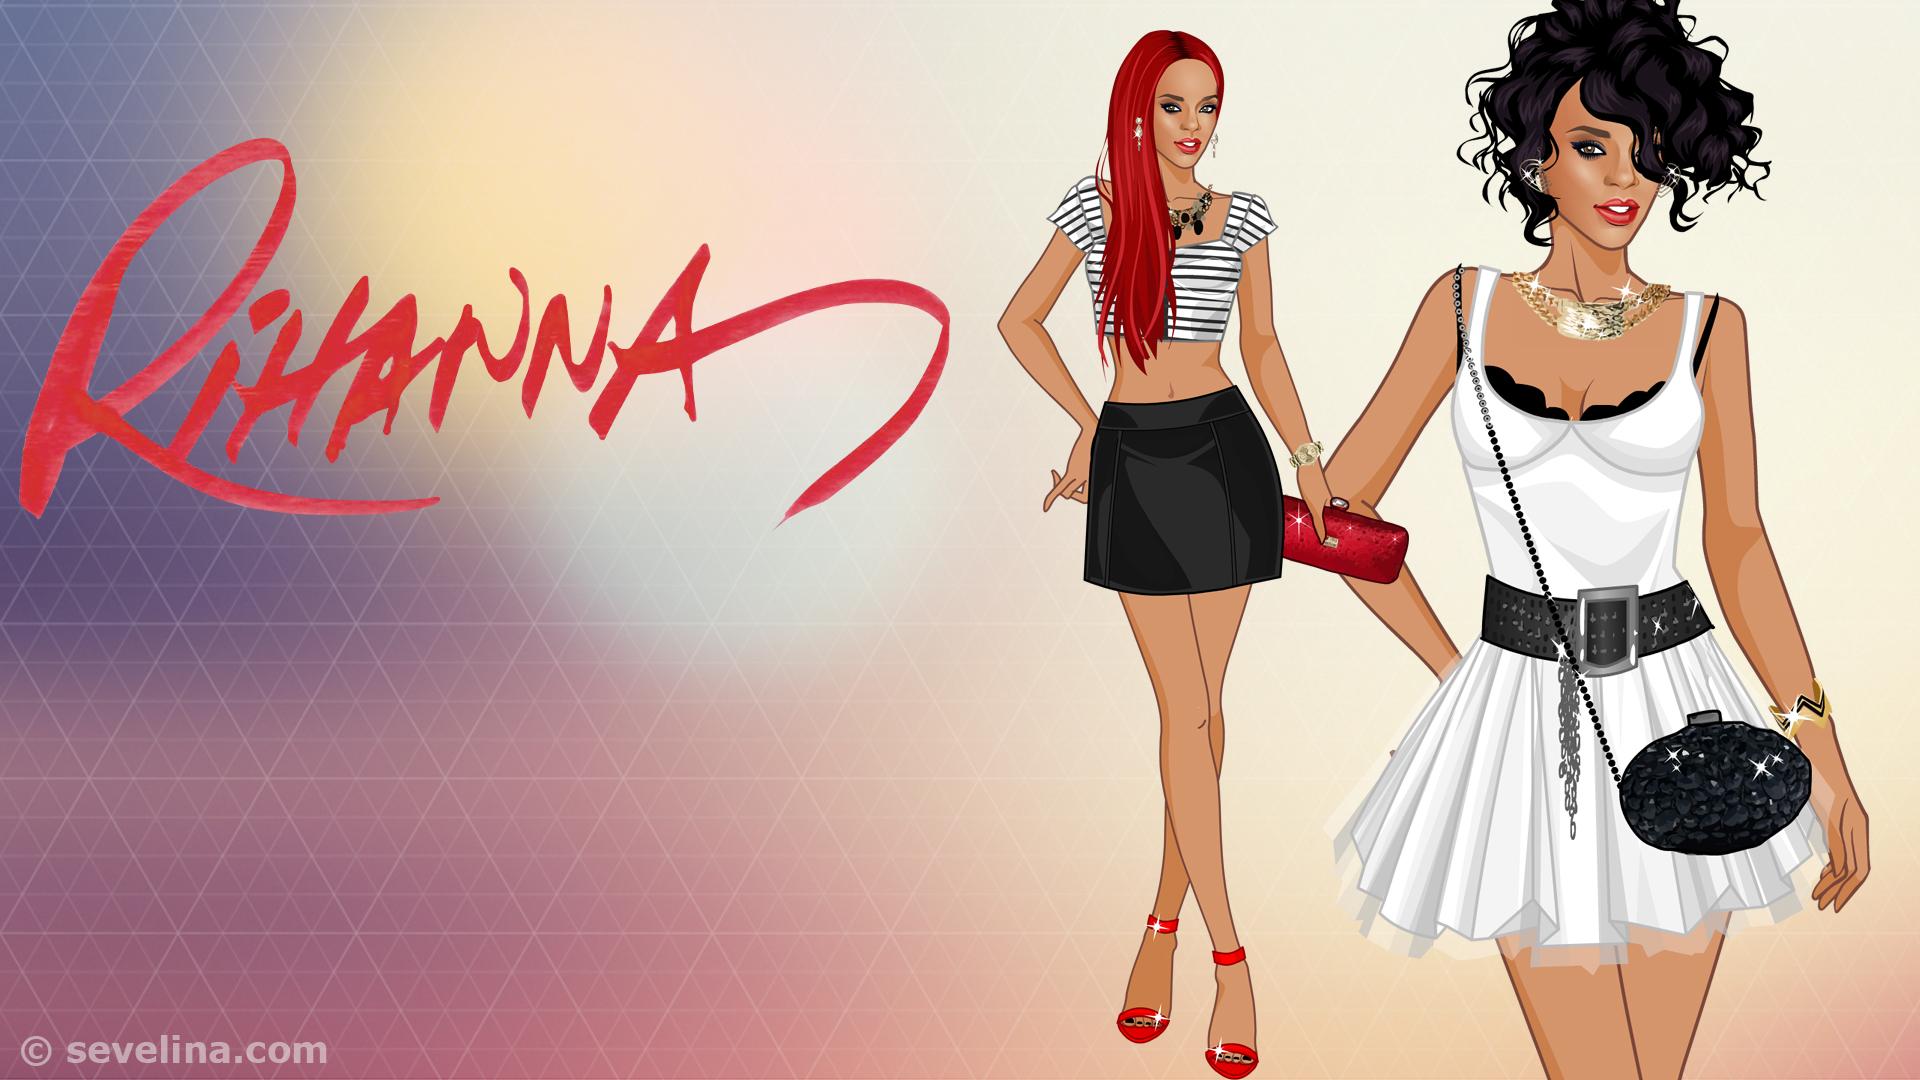 rihanna-wallpapers-2014-sevelina-dress-up-games-2